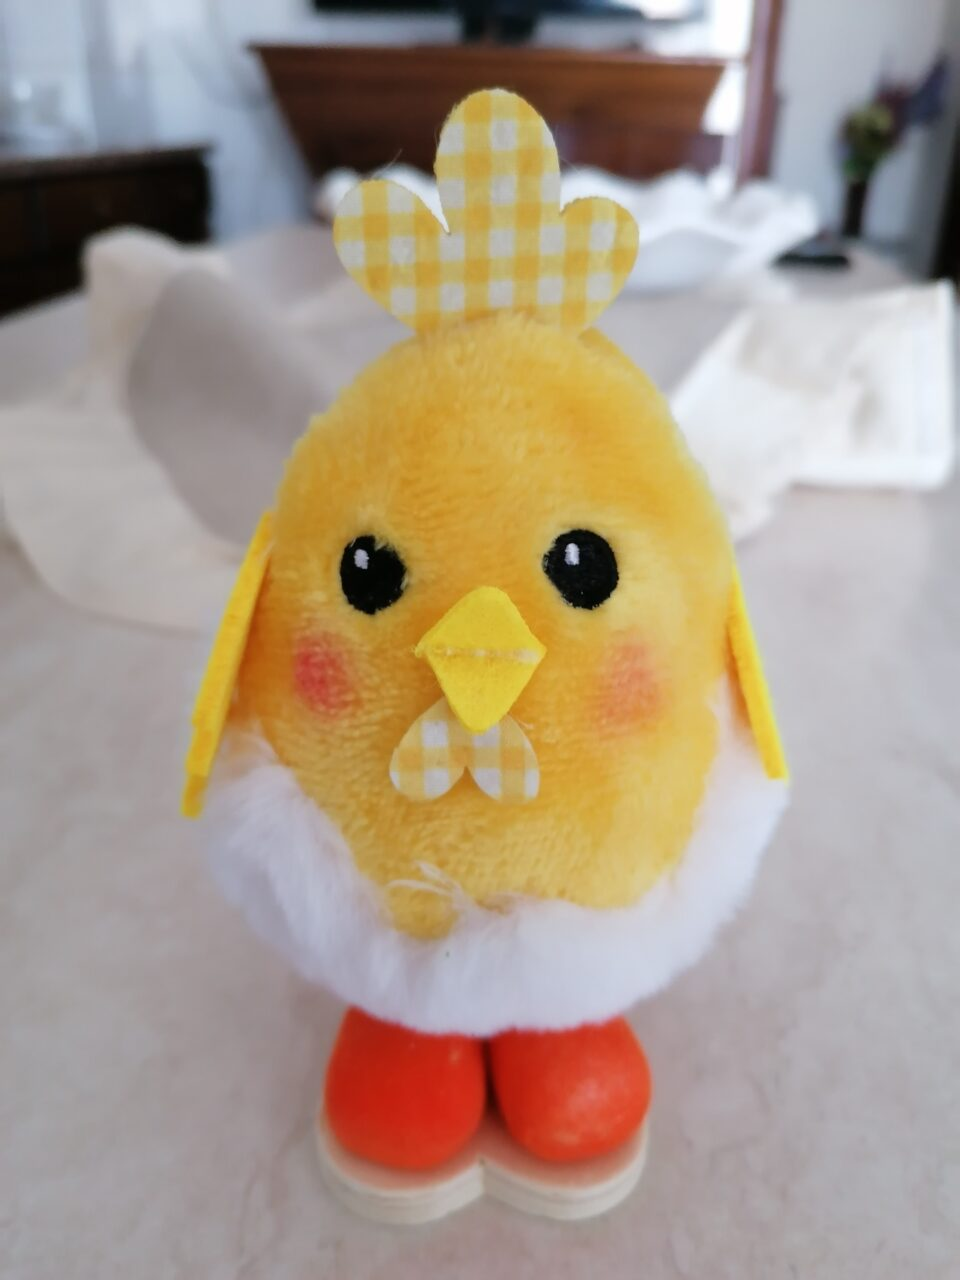 Immagini auguri Buona Pasqua